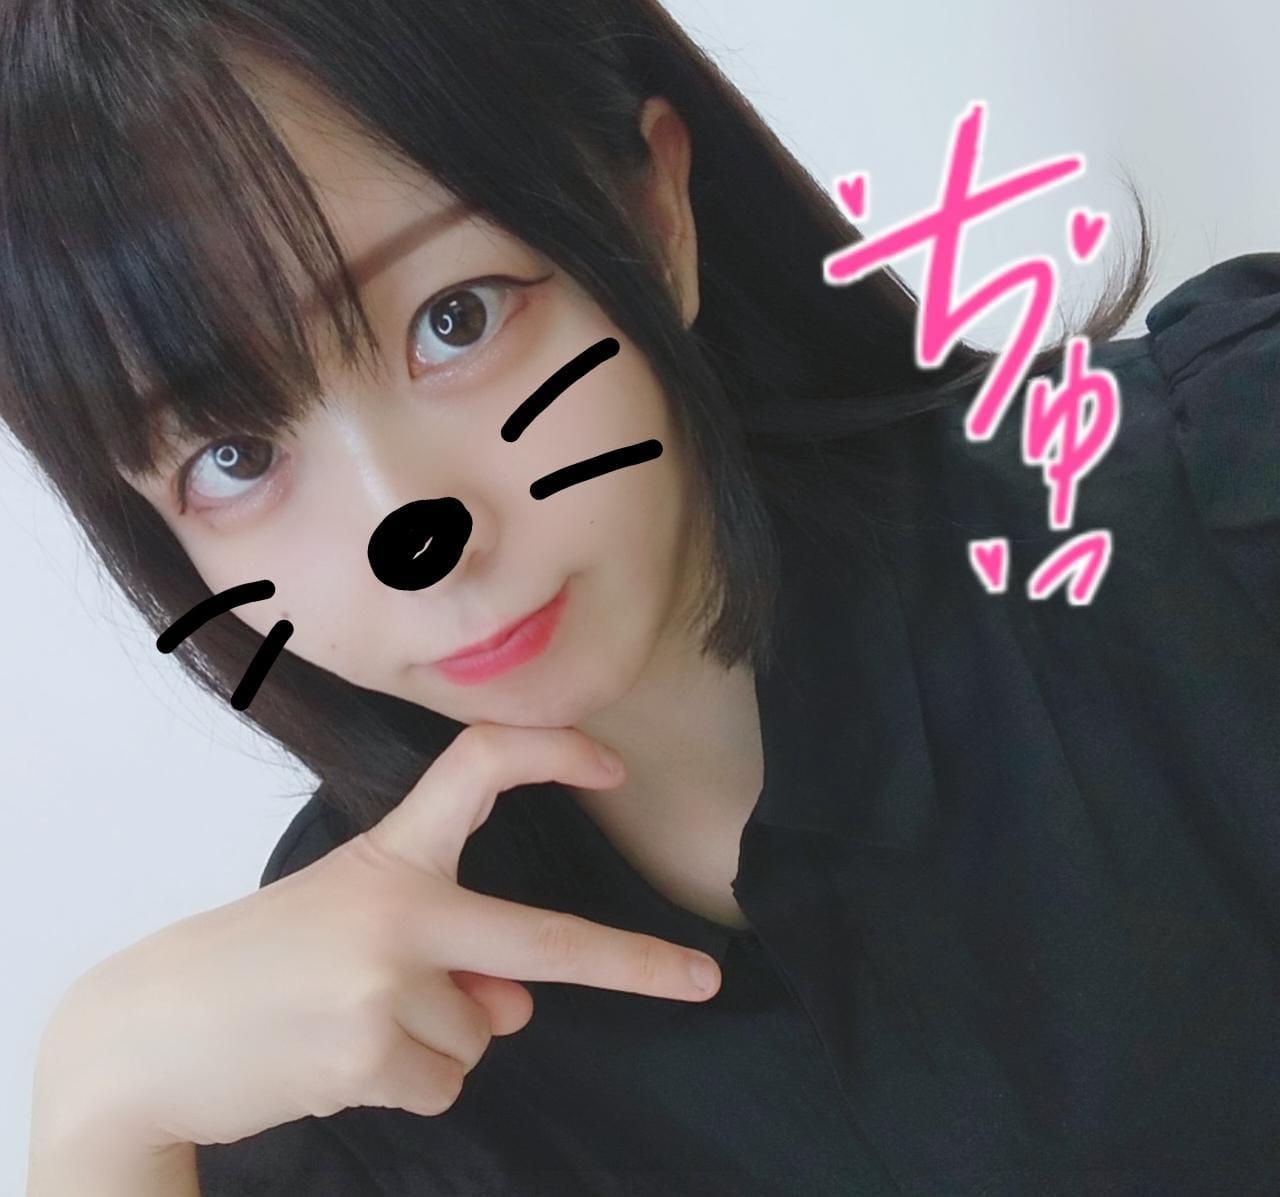 「真夏に♪恋して♪」06/29(火) 23:37 | ゆかりの写メ